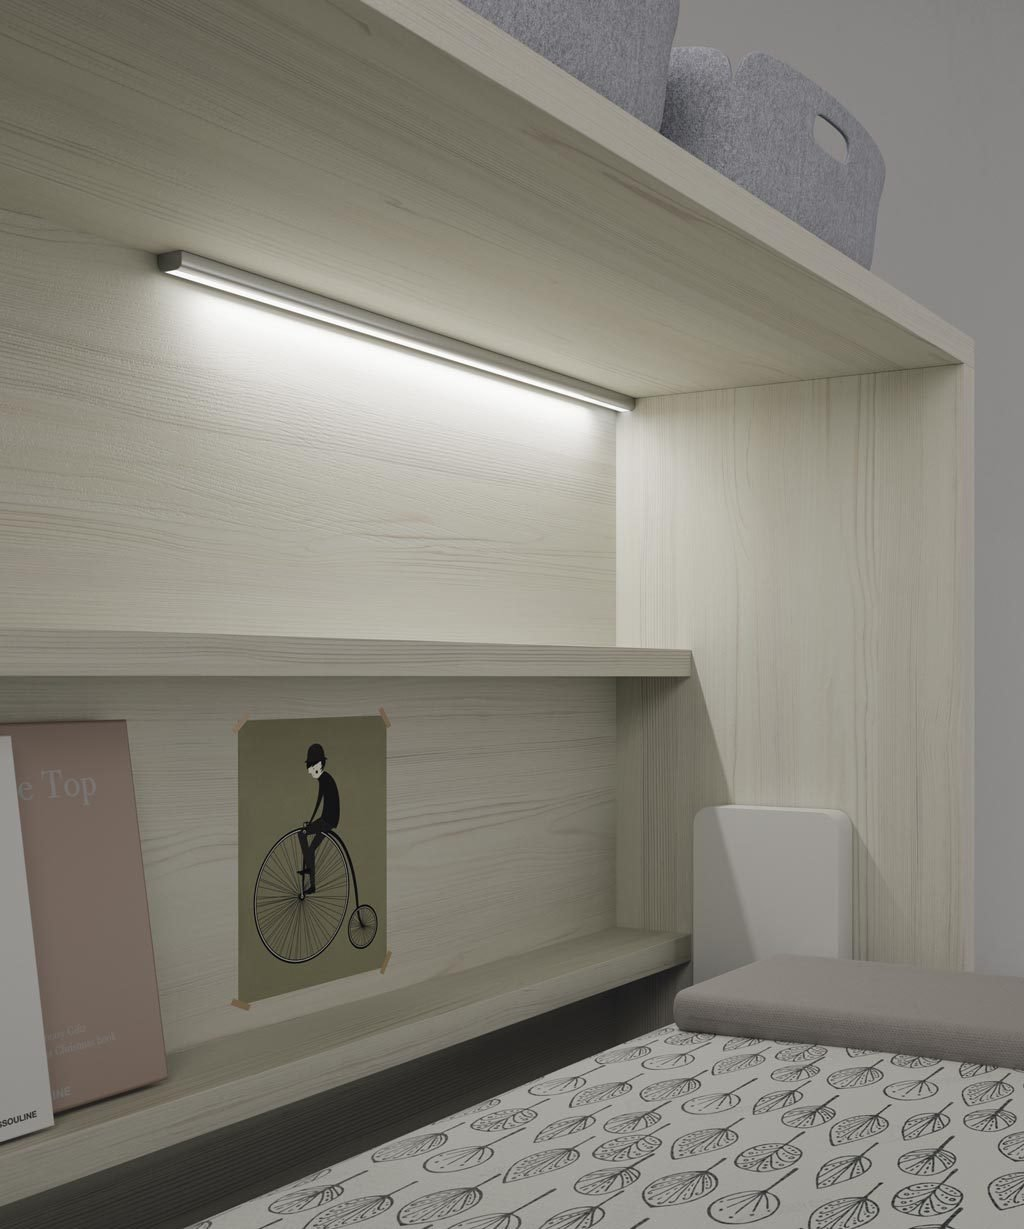 Tira de luz led de superficie para colocarla en la posición que desees dentro de la cama abatible